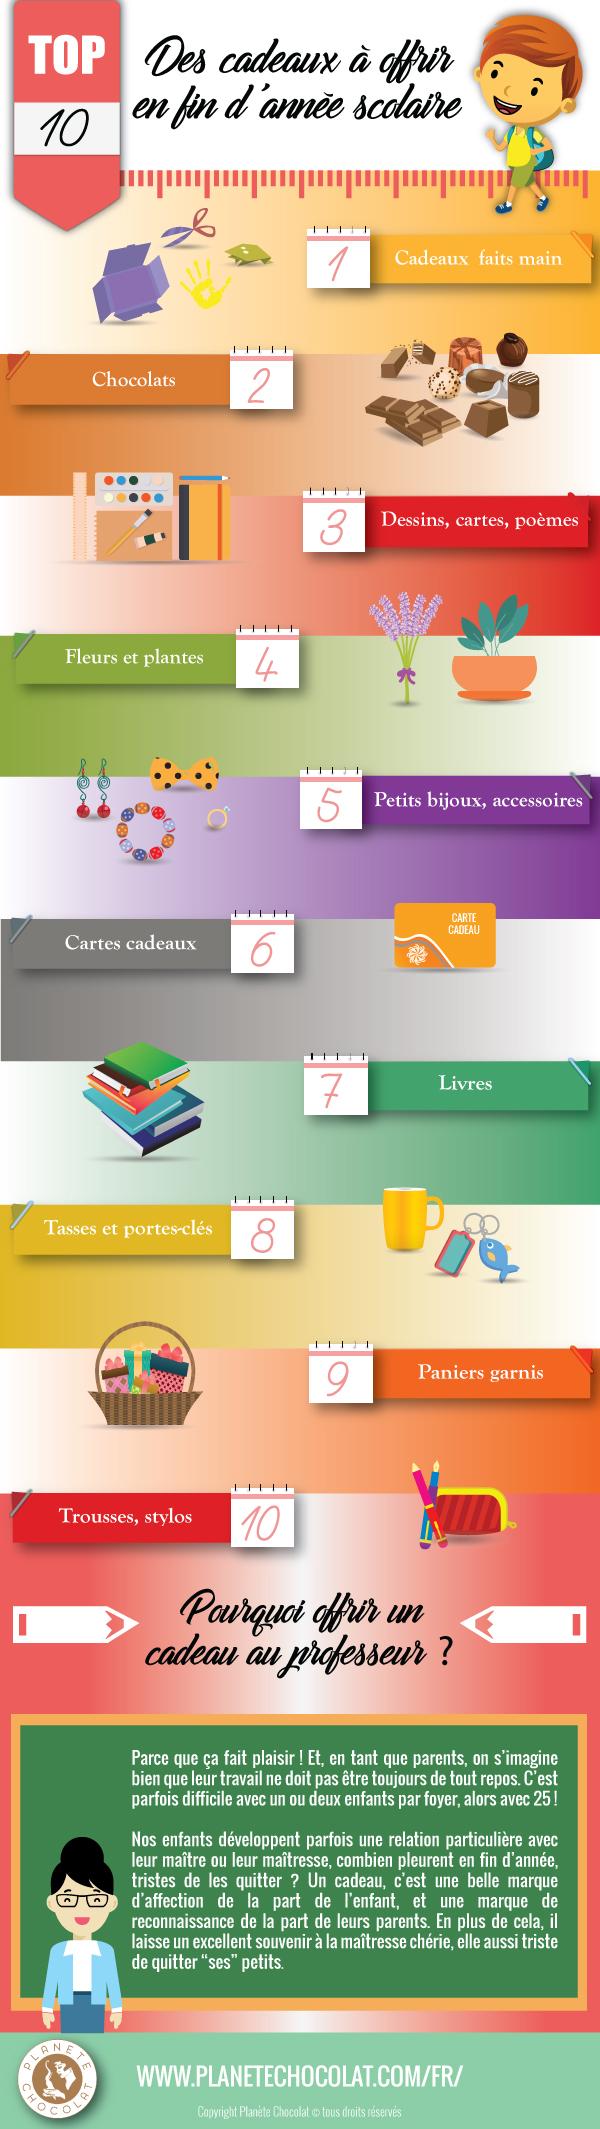 Infographie - Top 10 cadeaux fin d'année scolaire